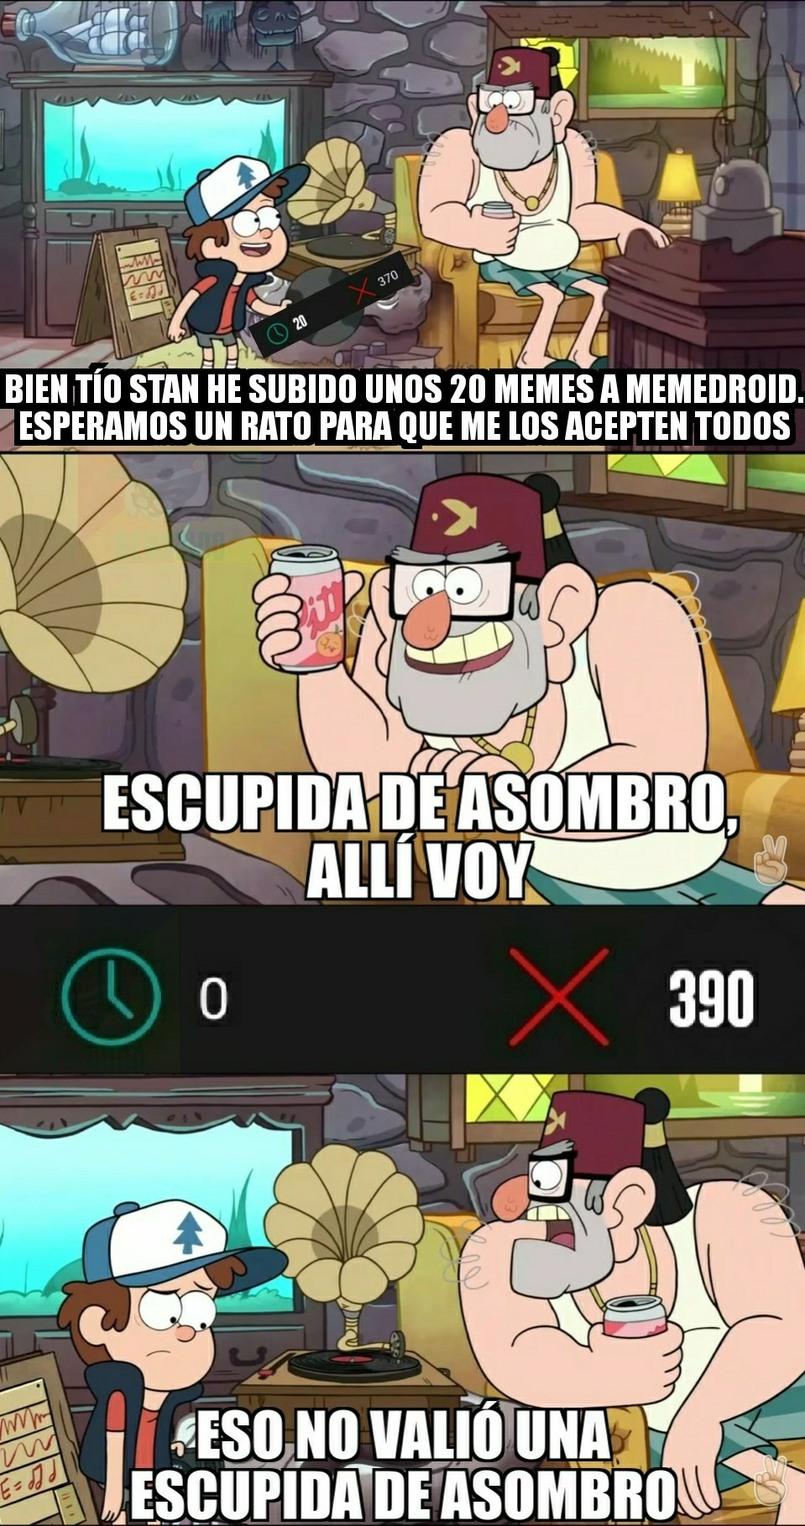 Fiesta de nada <|:^) - meme